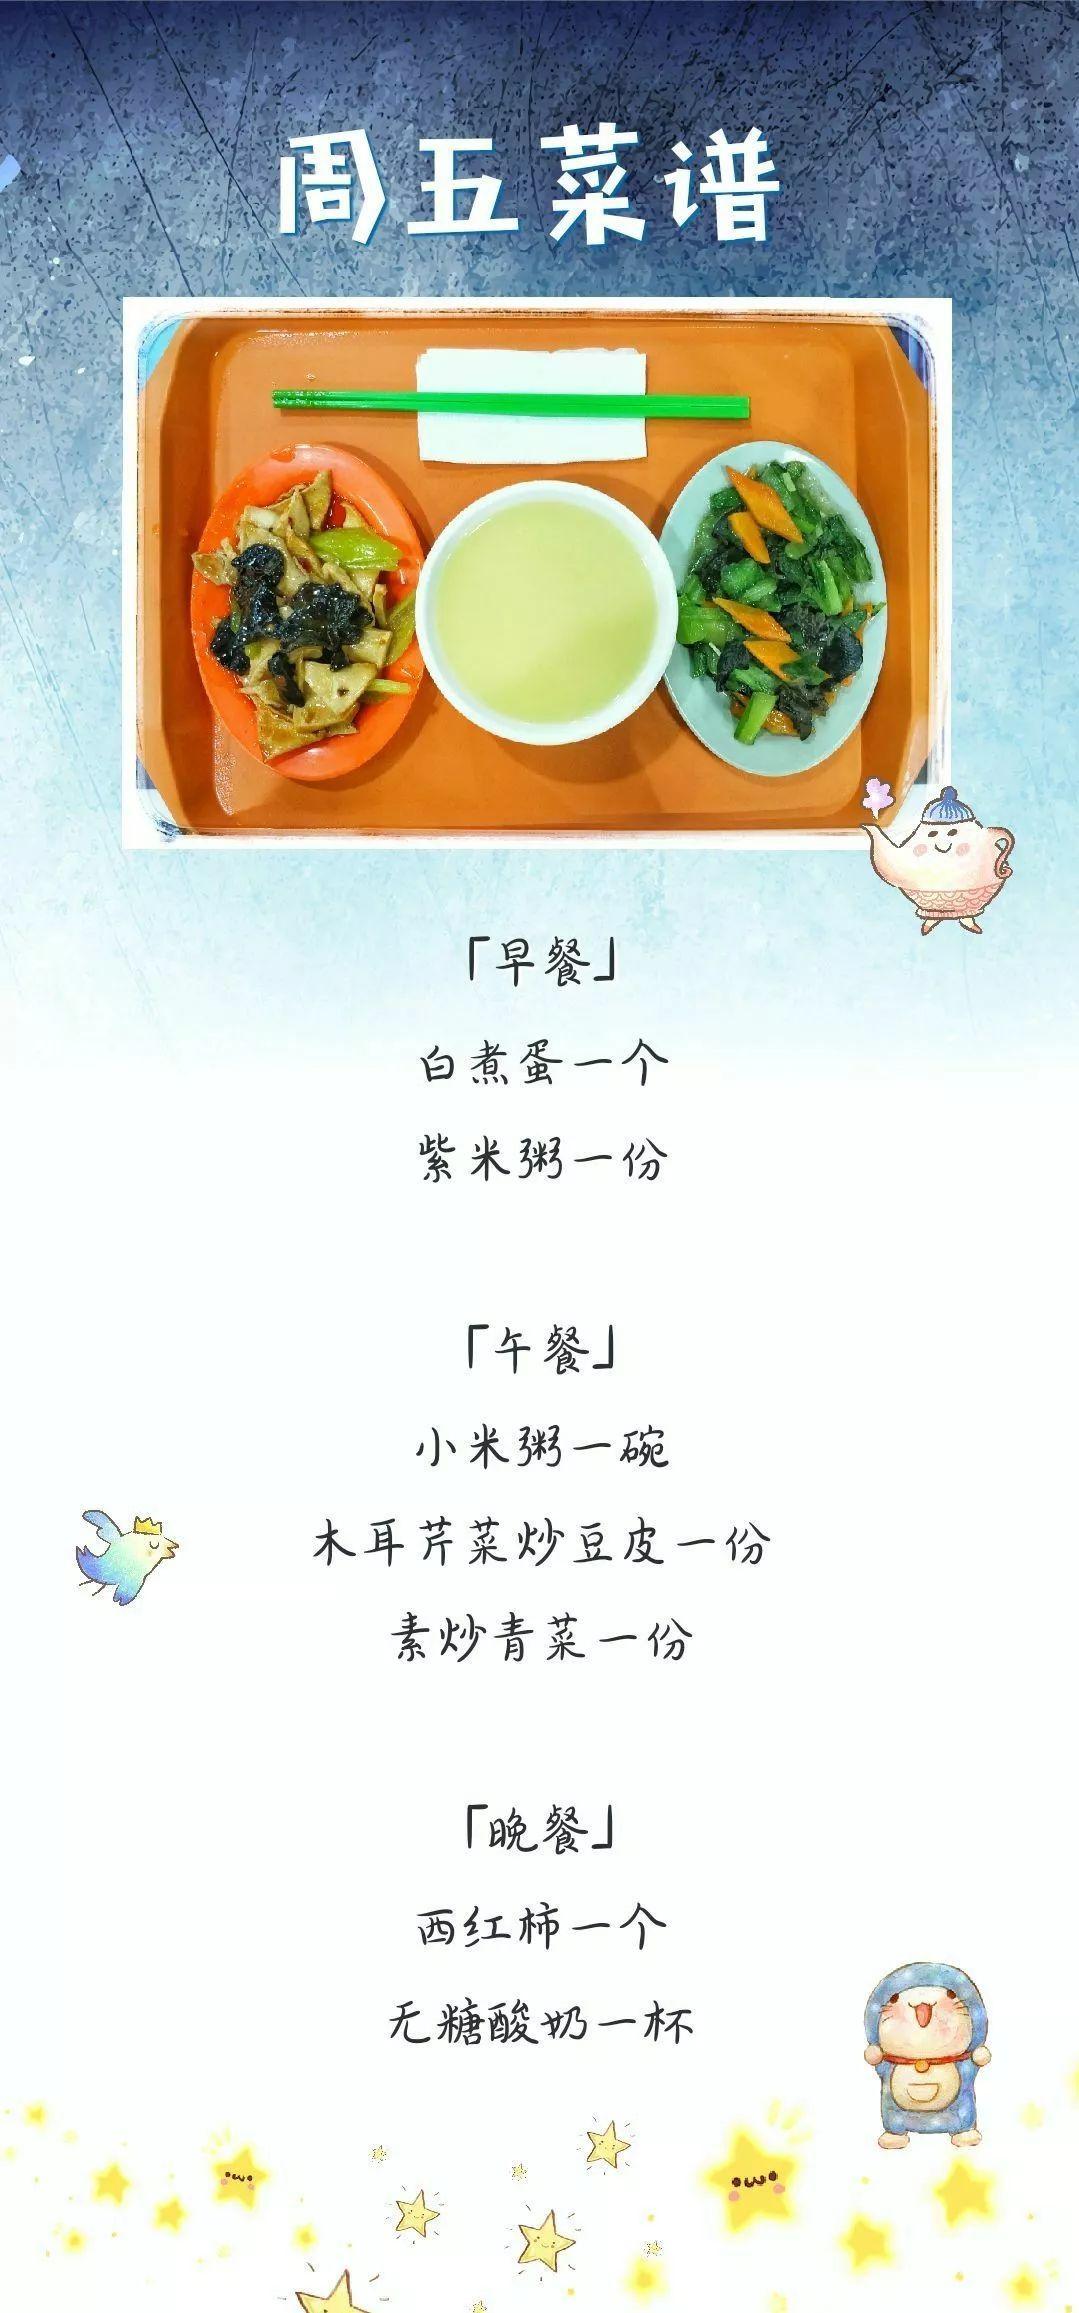 吃菜谱也v菜谱?这份签收食堂请定制酸菜性红斑能吃结节吗图片